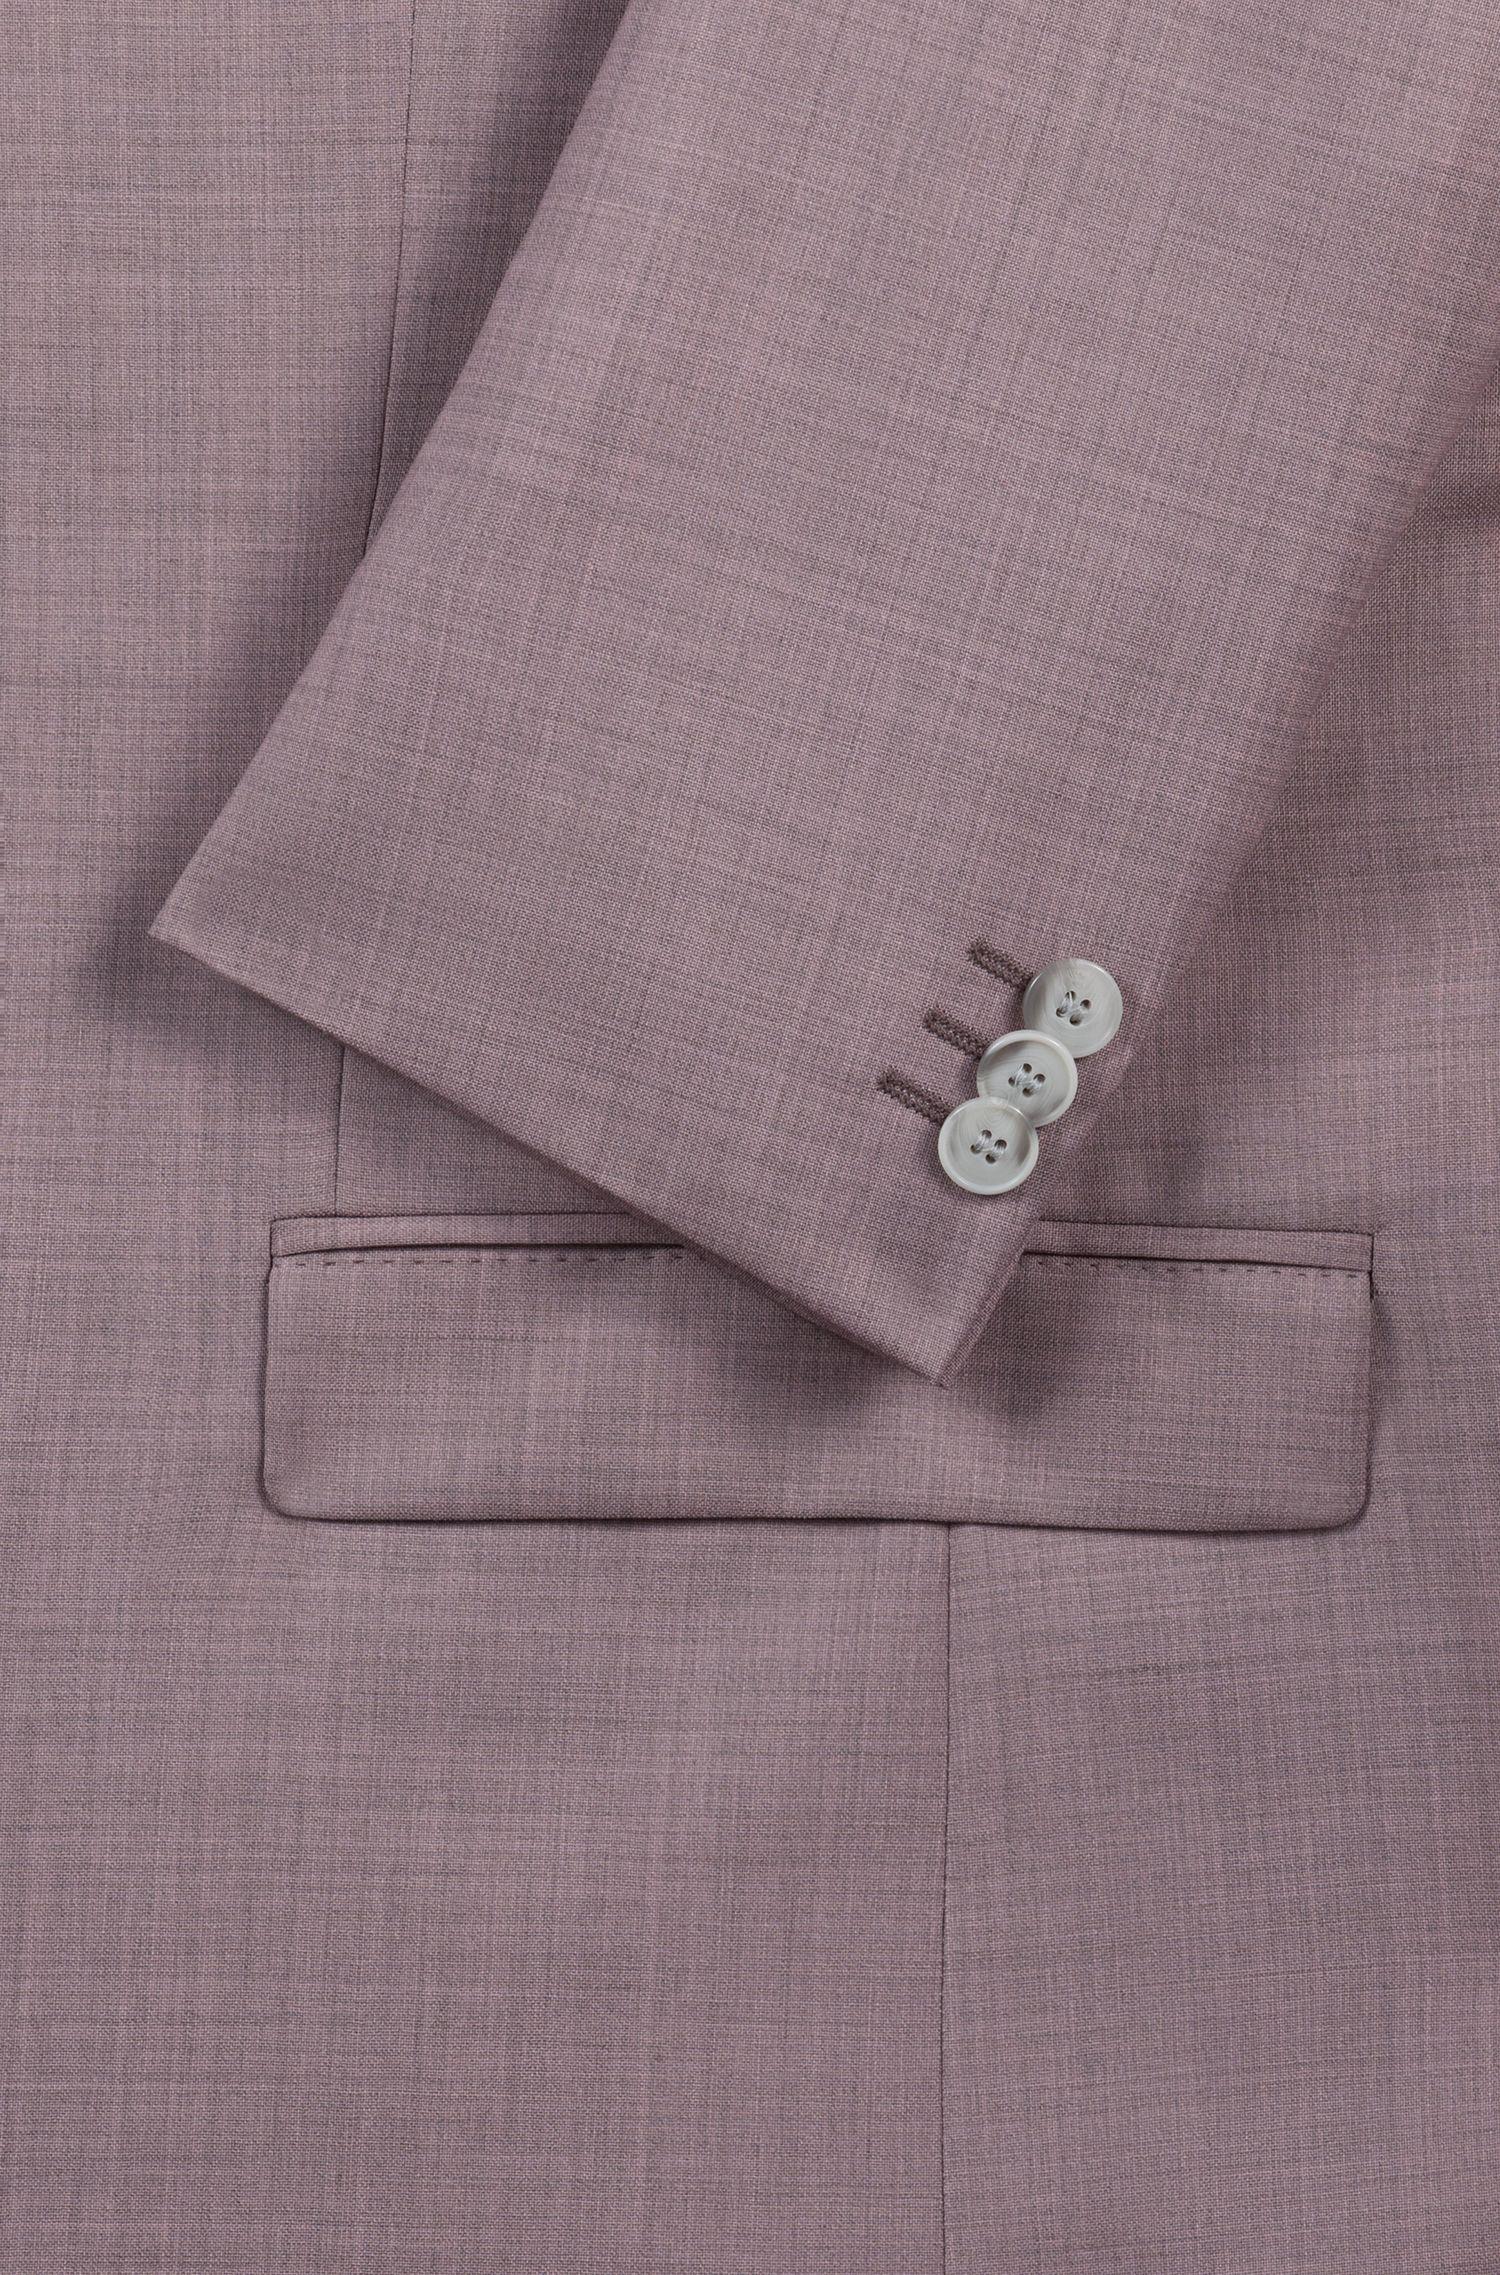 Abito extra slim fit in lana vergine con effetto sovratinto, Rosa chiaro